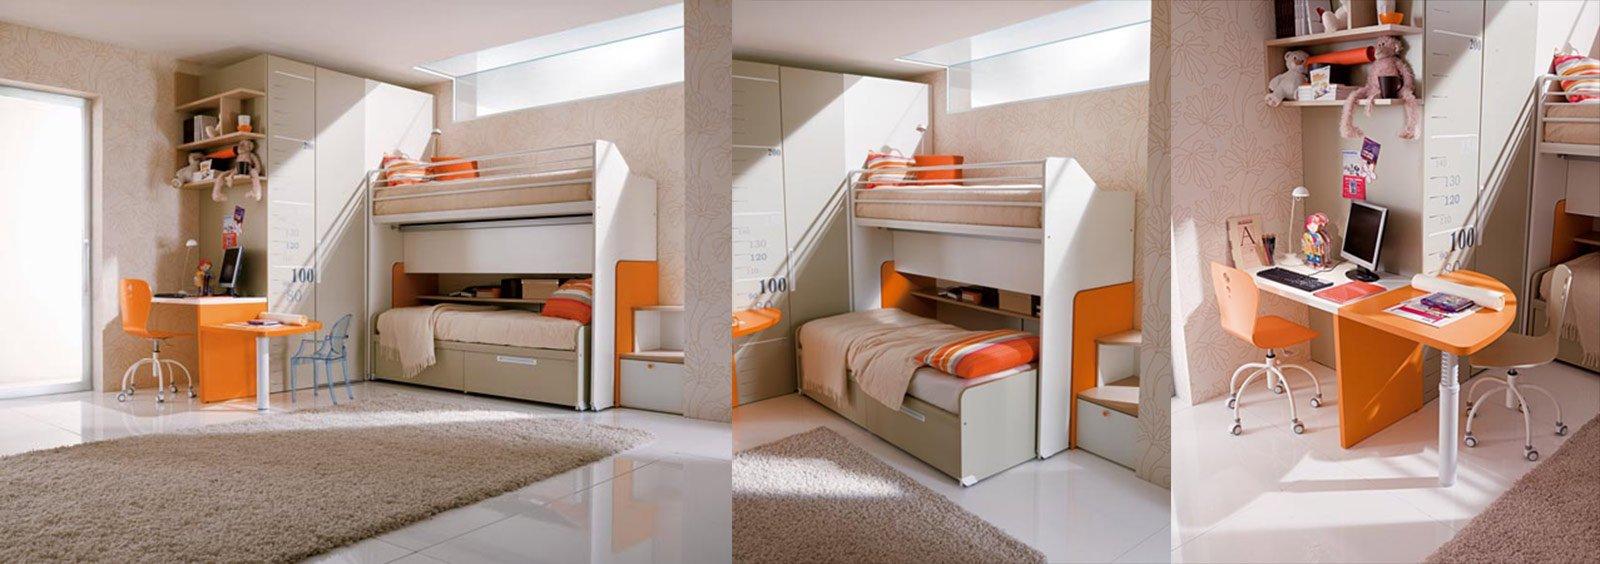 Camerette salvaspazio cose di casa for 6 piani di casa colonica di 6 camere da letto